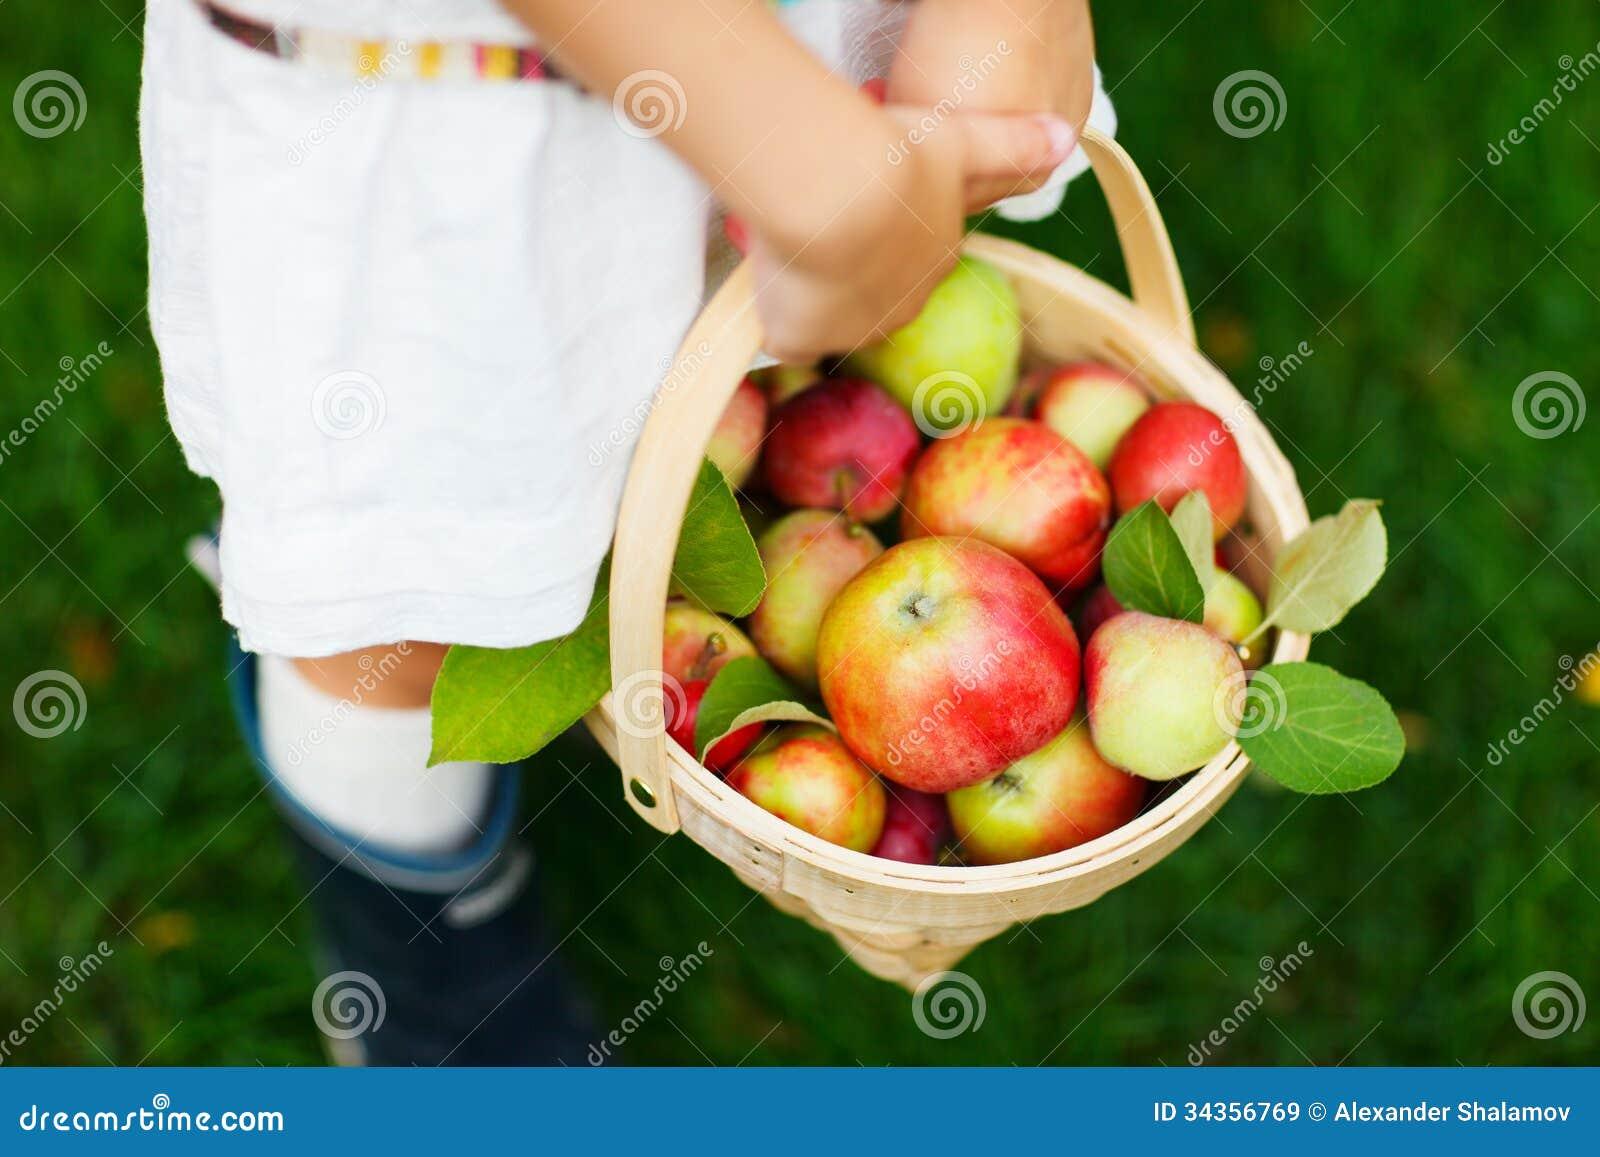 Органические яблоки в корзине